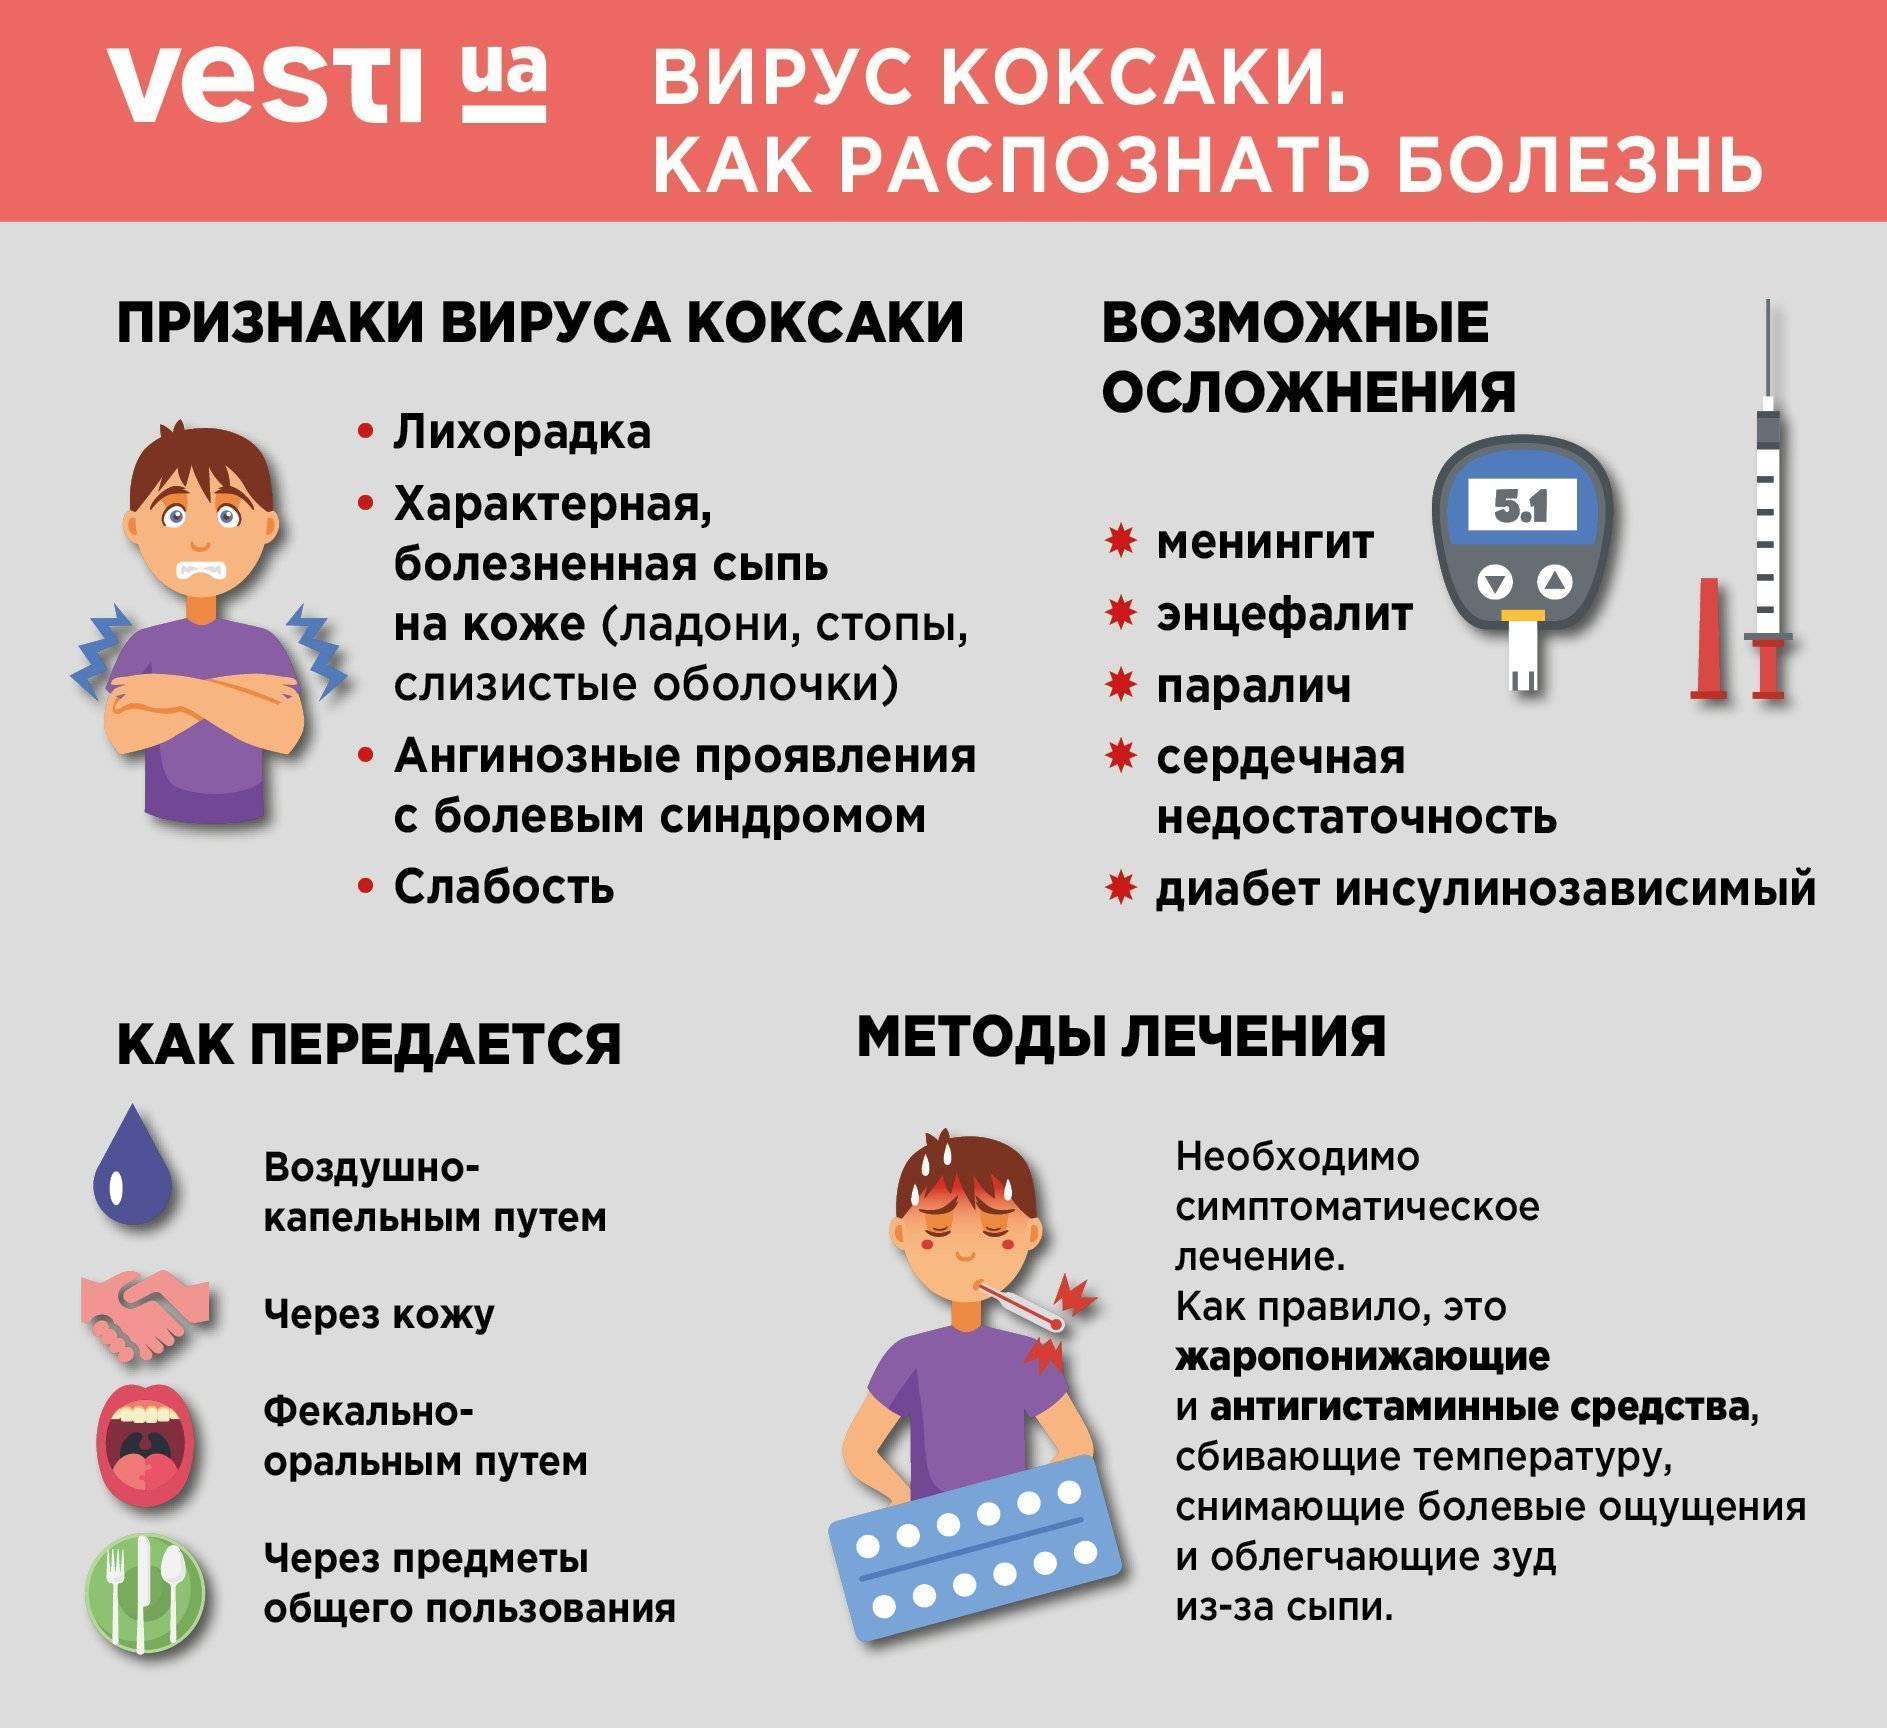 Вирус коксаки у детей: чем опасна болезнь, как лечить и избежать заражения? | здорова и красива